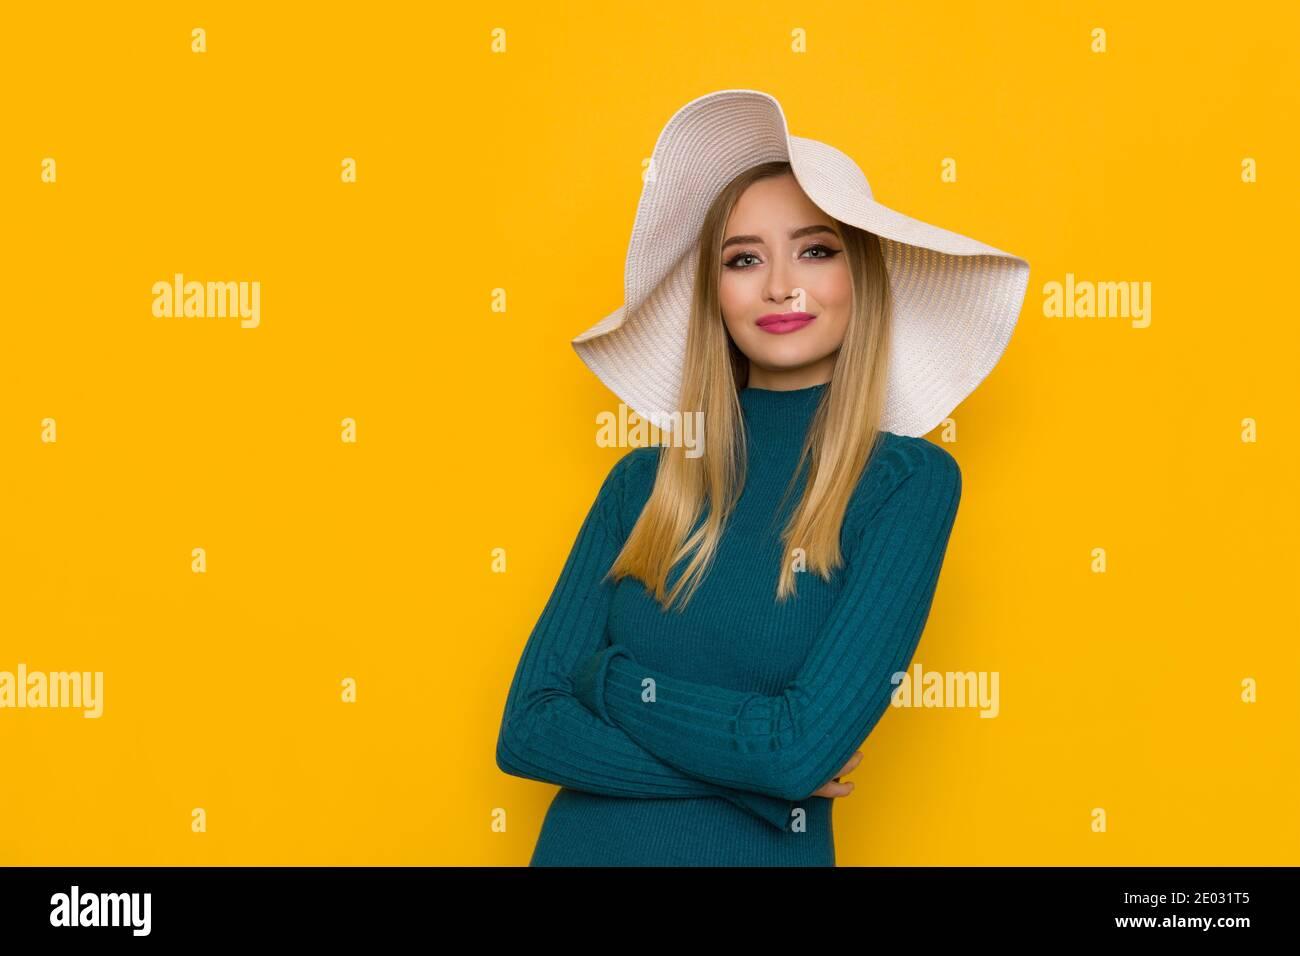 Bella giovane donna in cappello bianco sole e maglione teal è in posa con le braccia incrociate. Girata in studio su sfondo giallo. Foto Stock